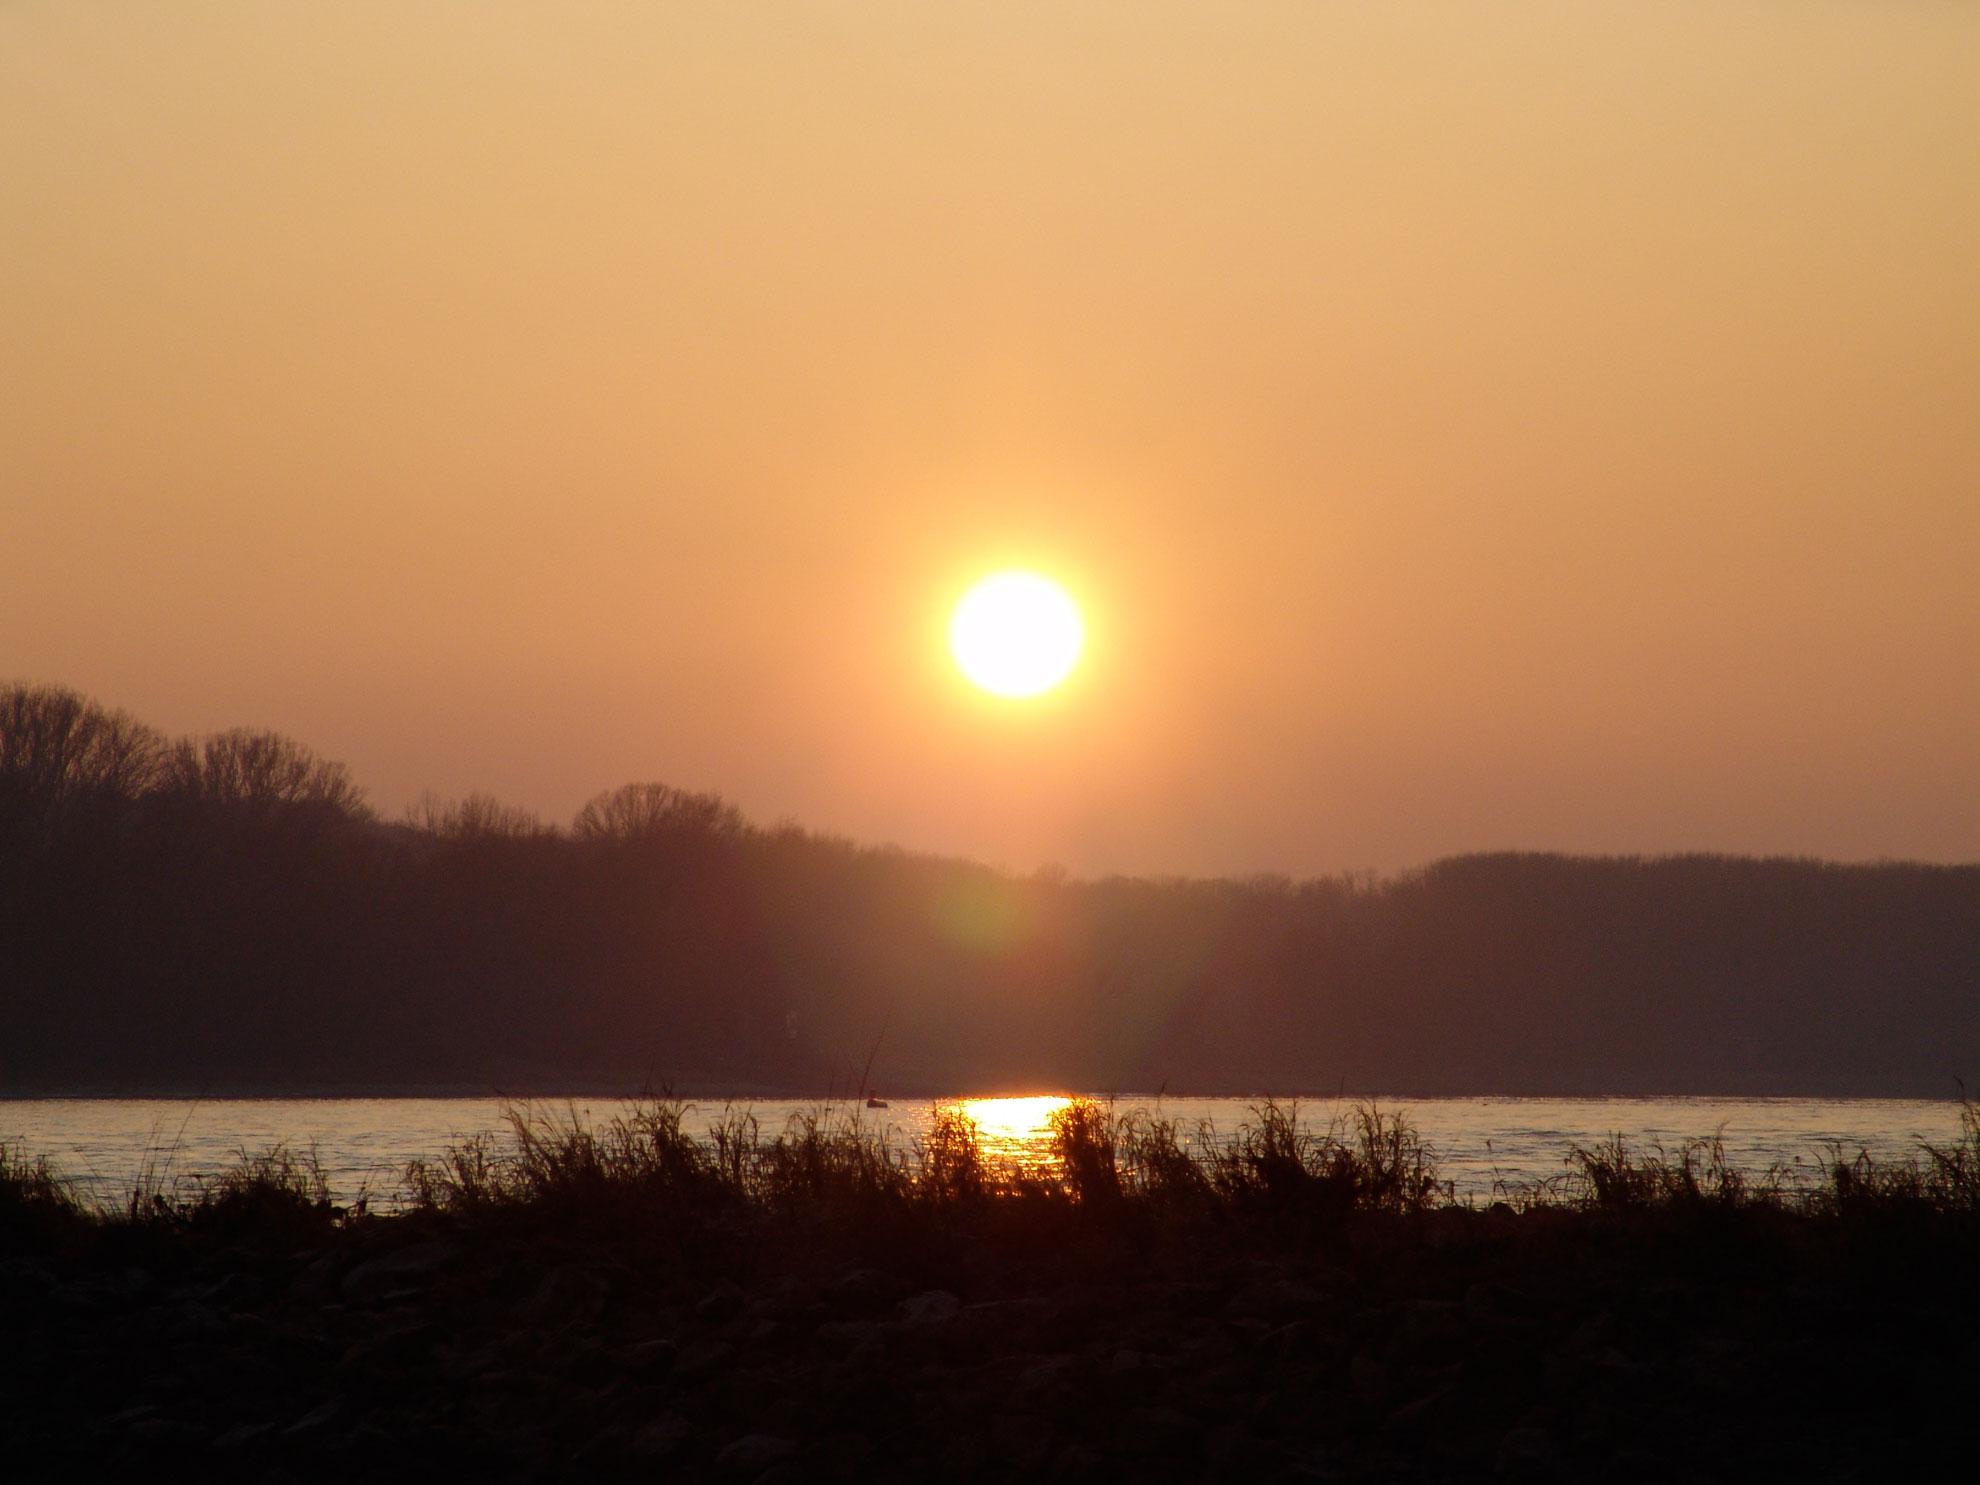 Sonnenuntergang am 28. Dezember 2008